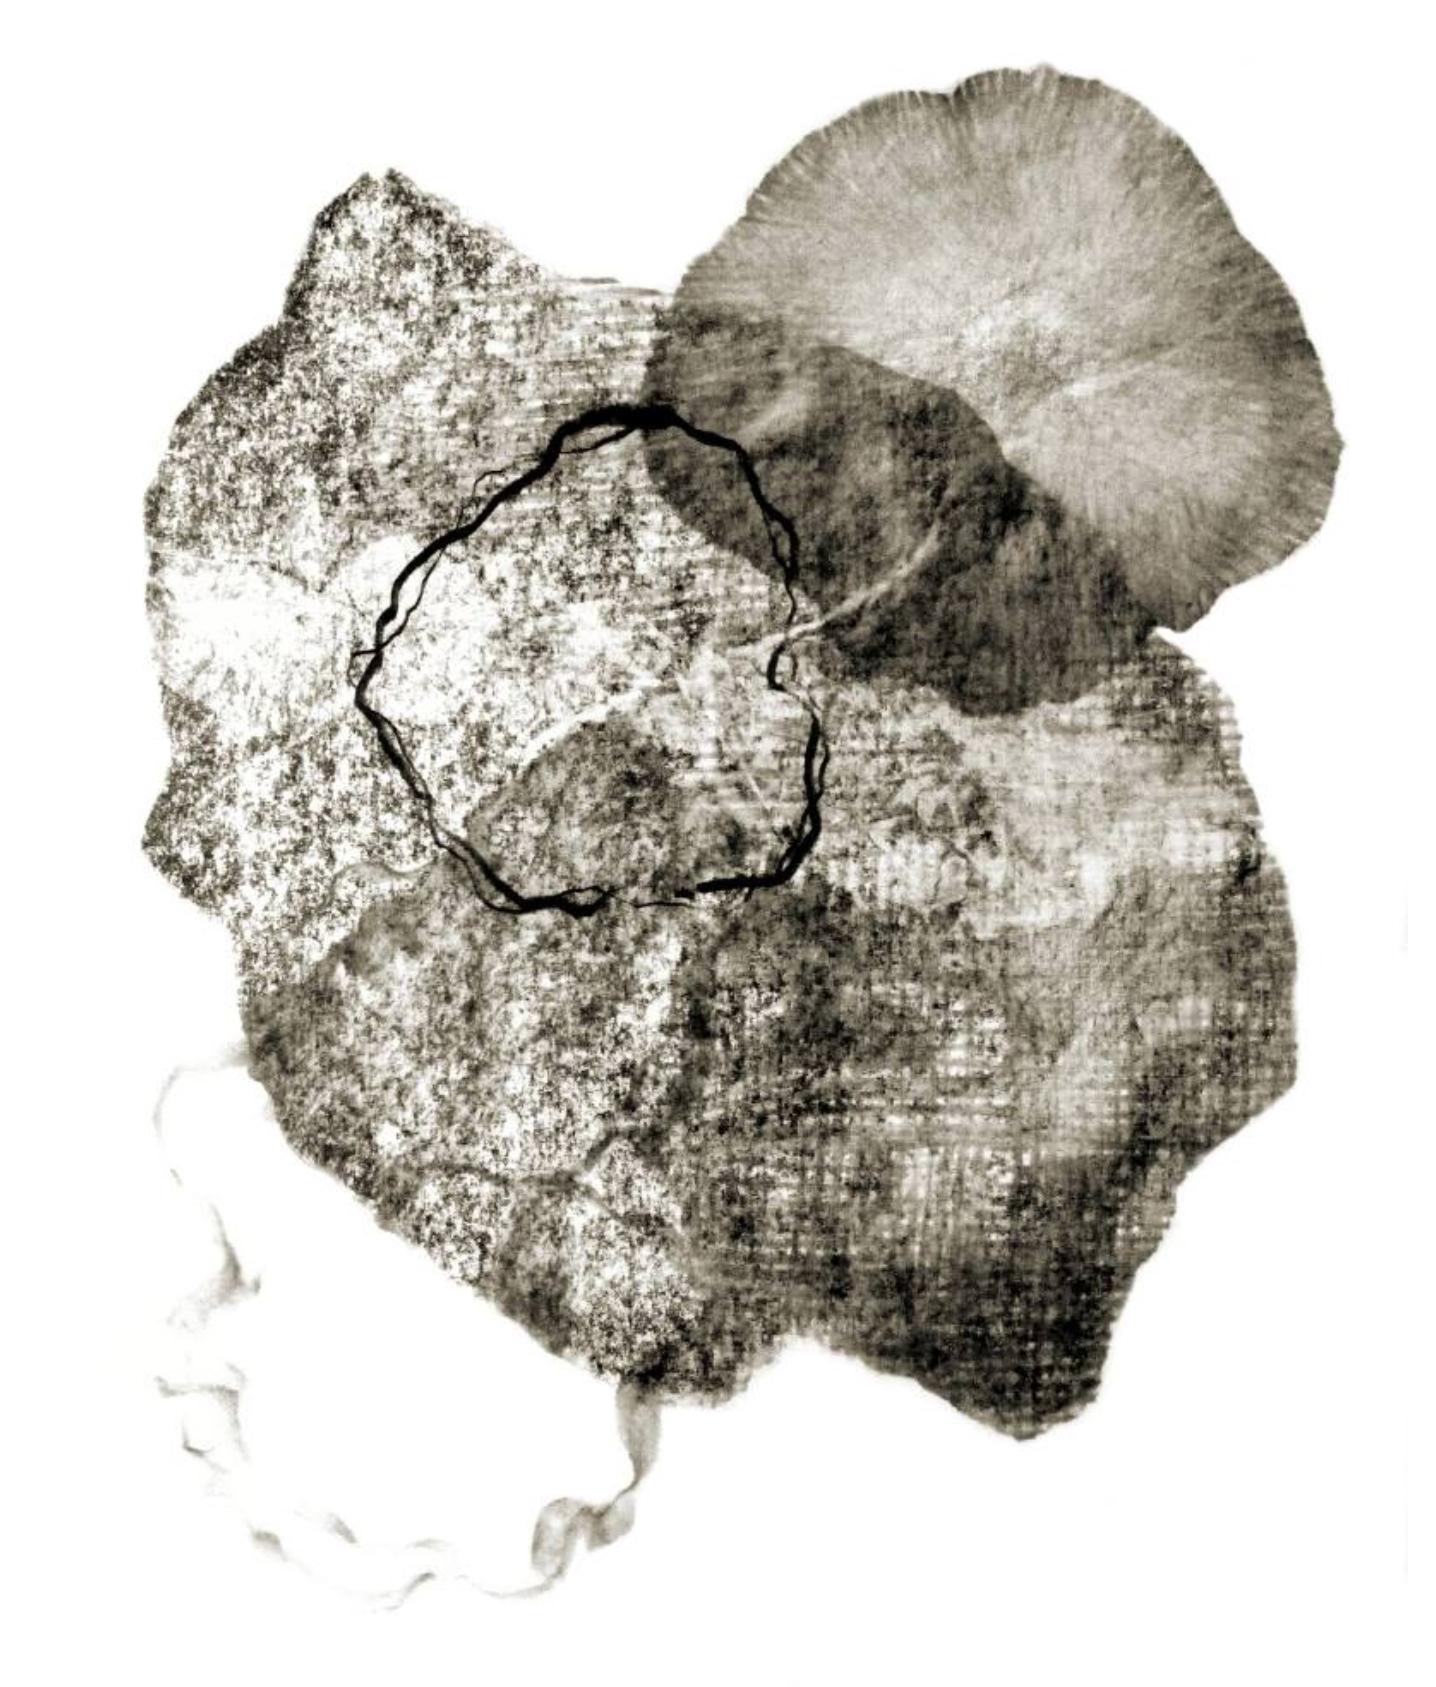 Metamorphosis VII by Genevieve Leavold